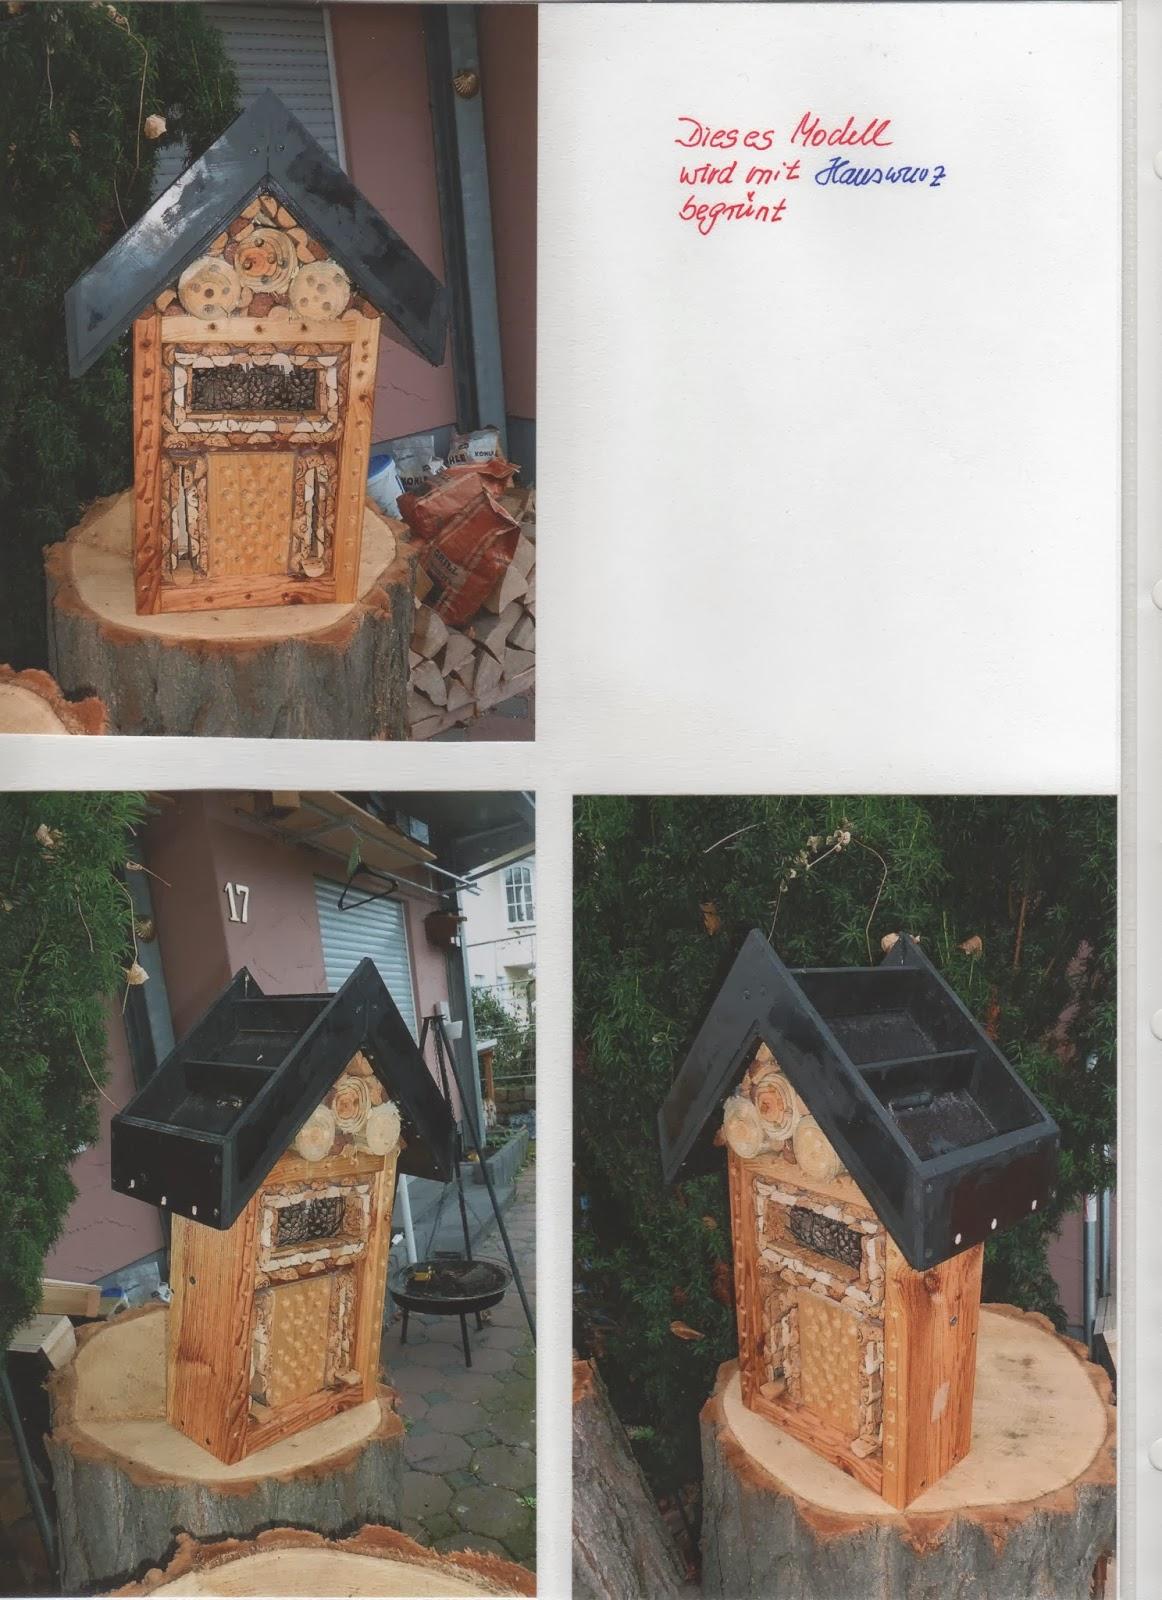 kombination von wegmarkierungen und artenschutz kleines insektenhotel. Black Bedroom Furniture Sets. Home Design Ideas